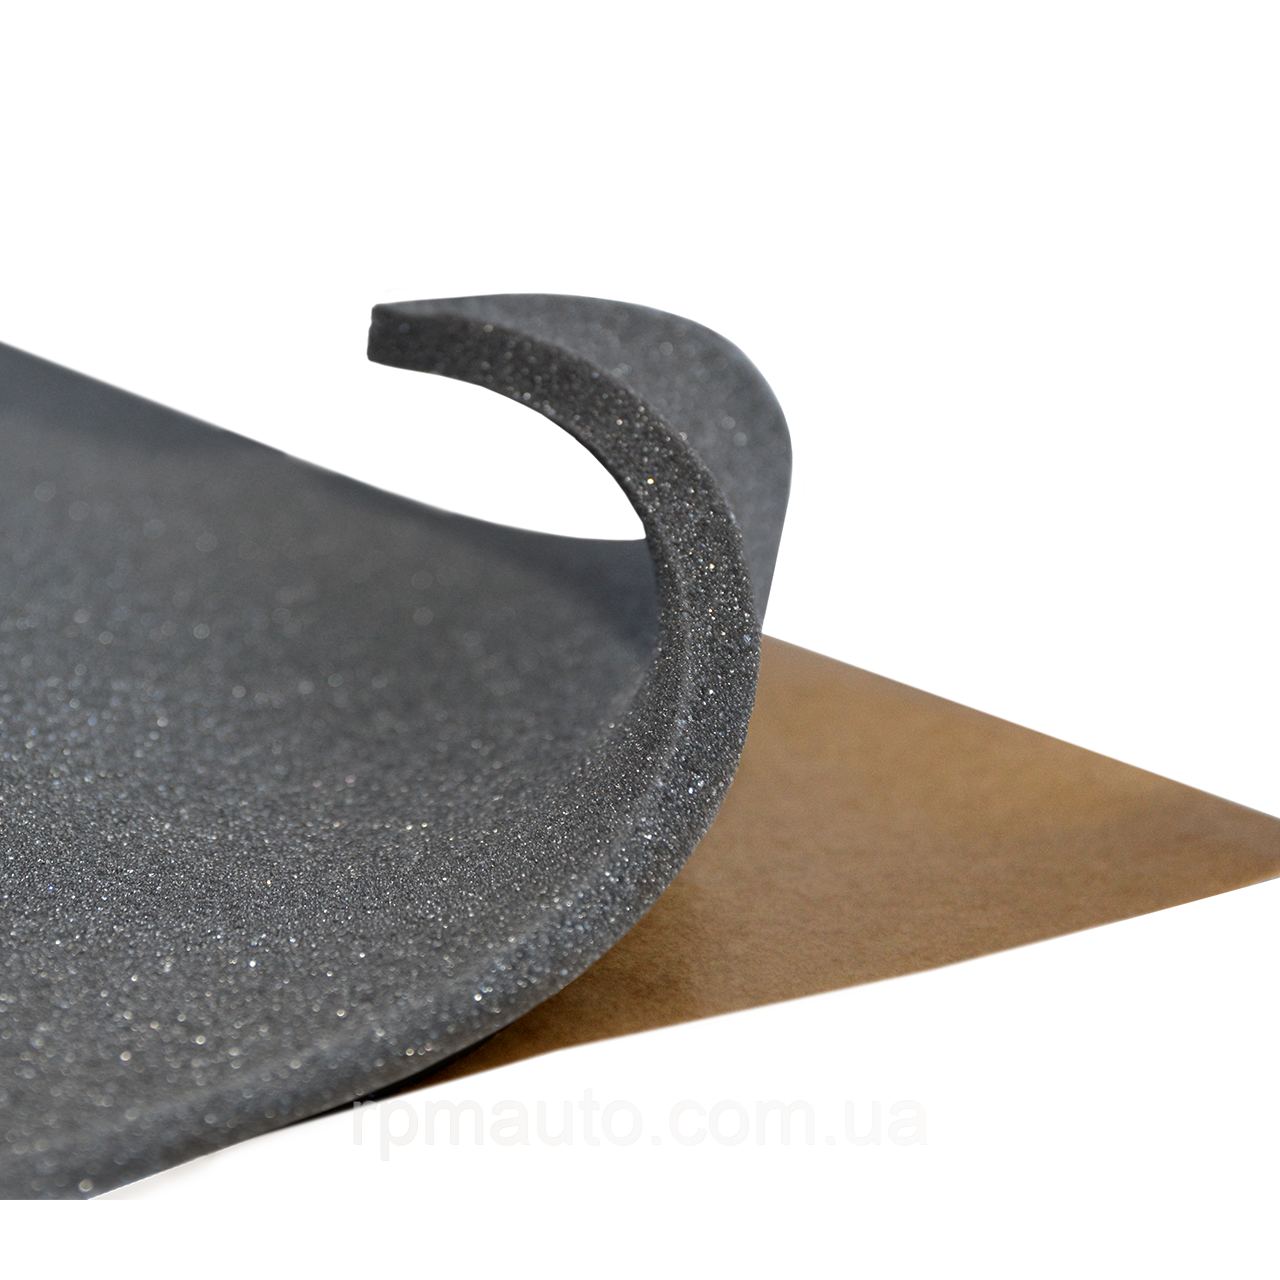 Шумоізоляція Авто СТК SoundLine 7 мм 100х50см Обесшумка Шумка Антискрип Теплошумоізоляція Автомобіля